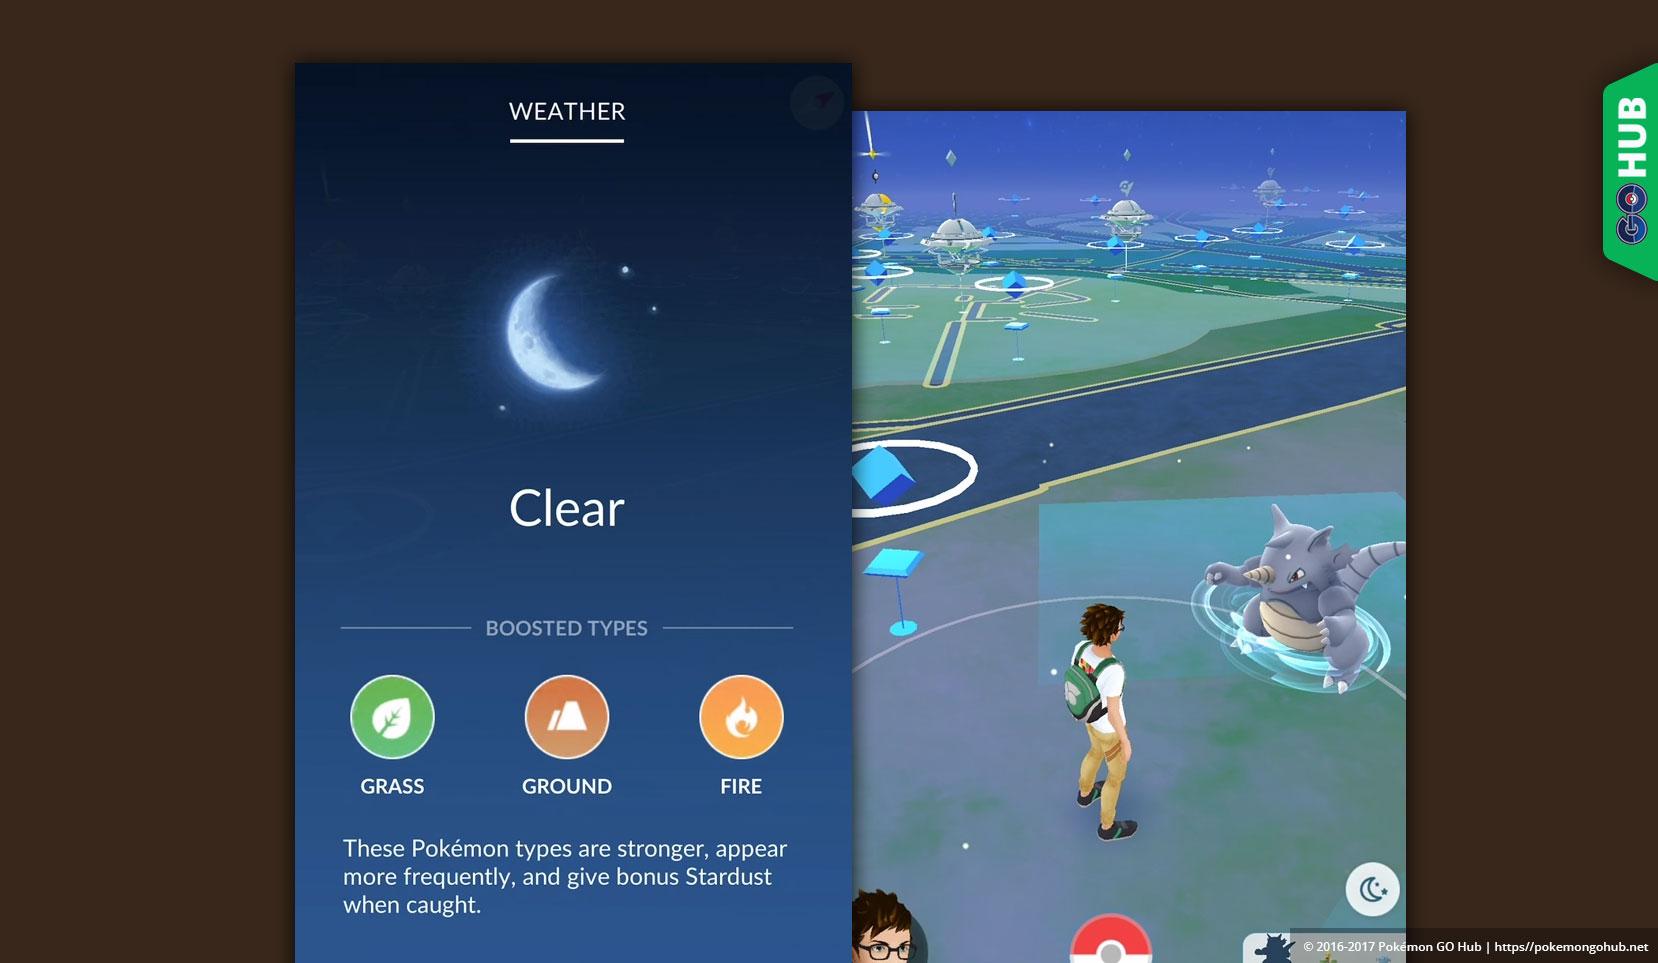 Pokémon-GO-clear-weather.jpg